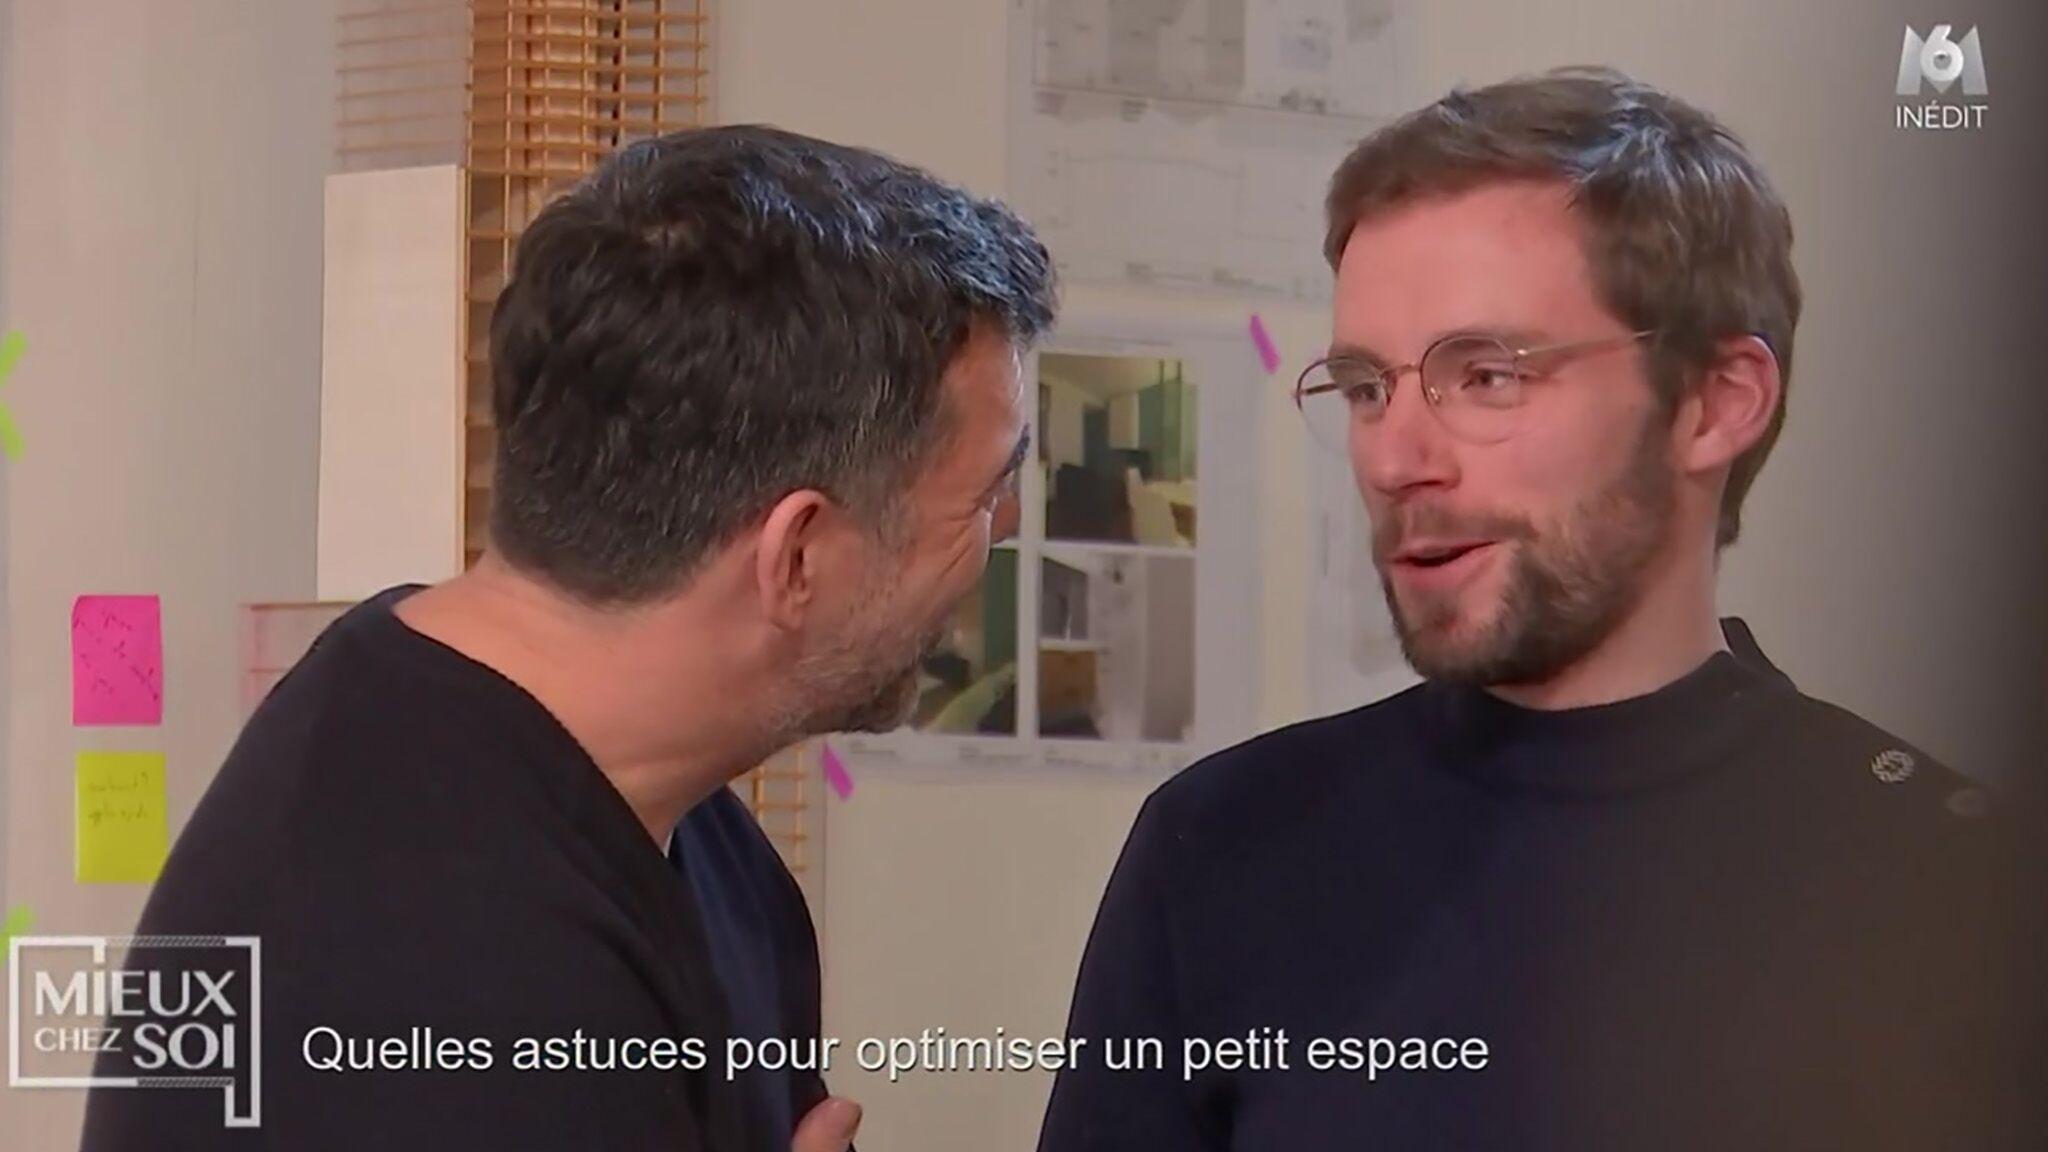 VIDEO Stéphane Plaza : ambiance tendue avec un candidat de Mieux chez soi